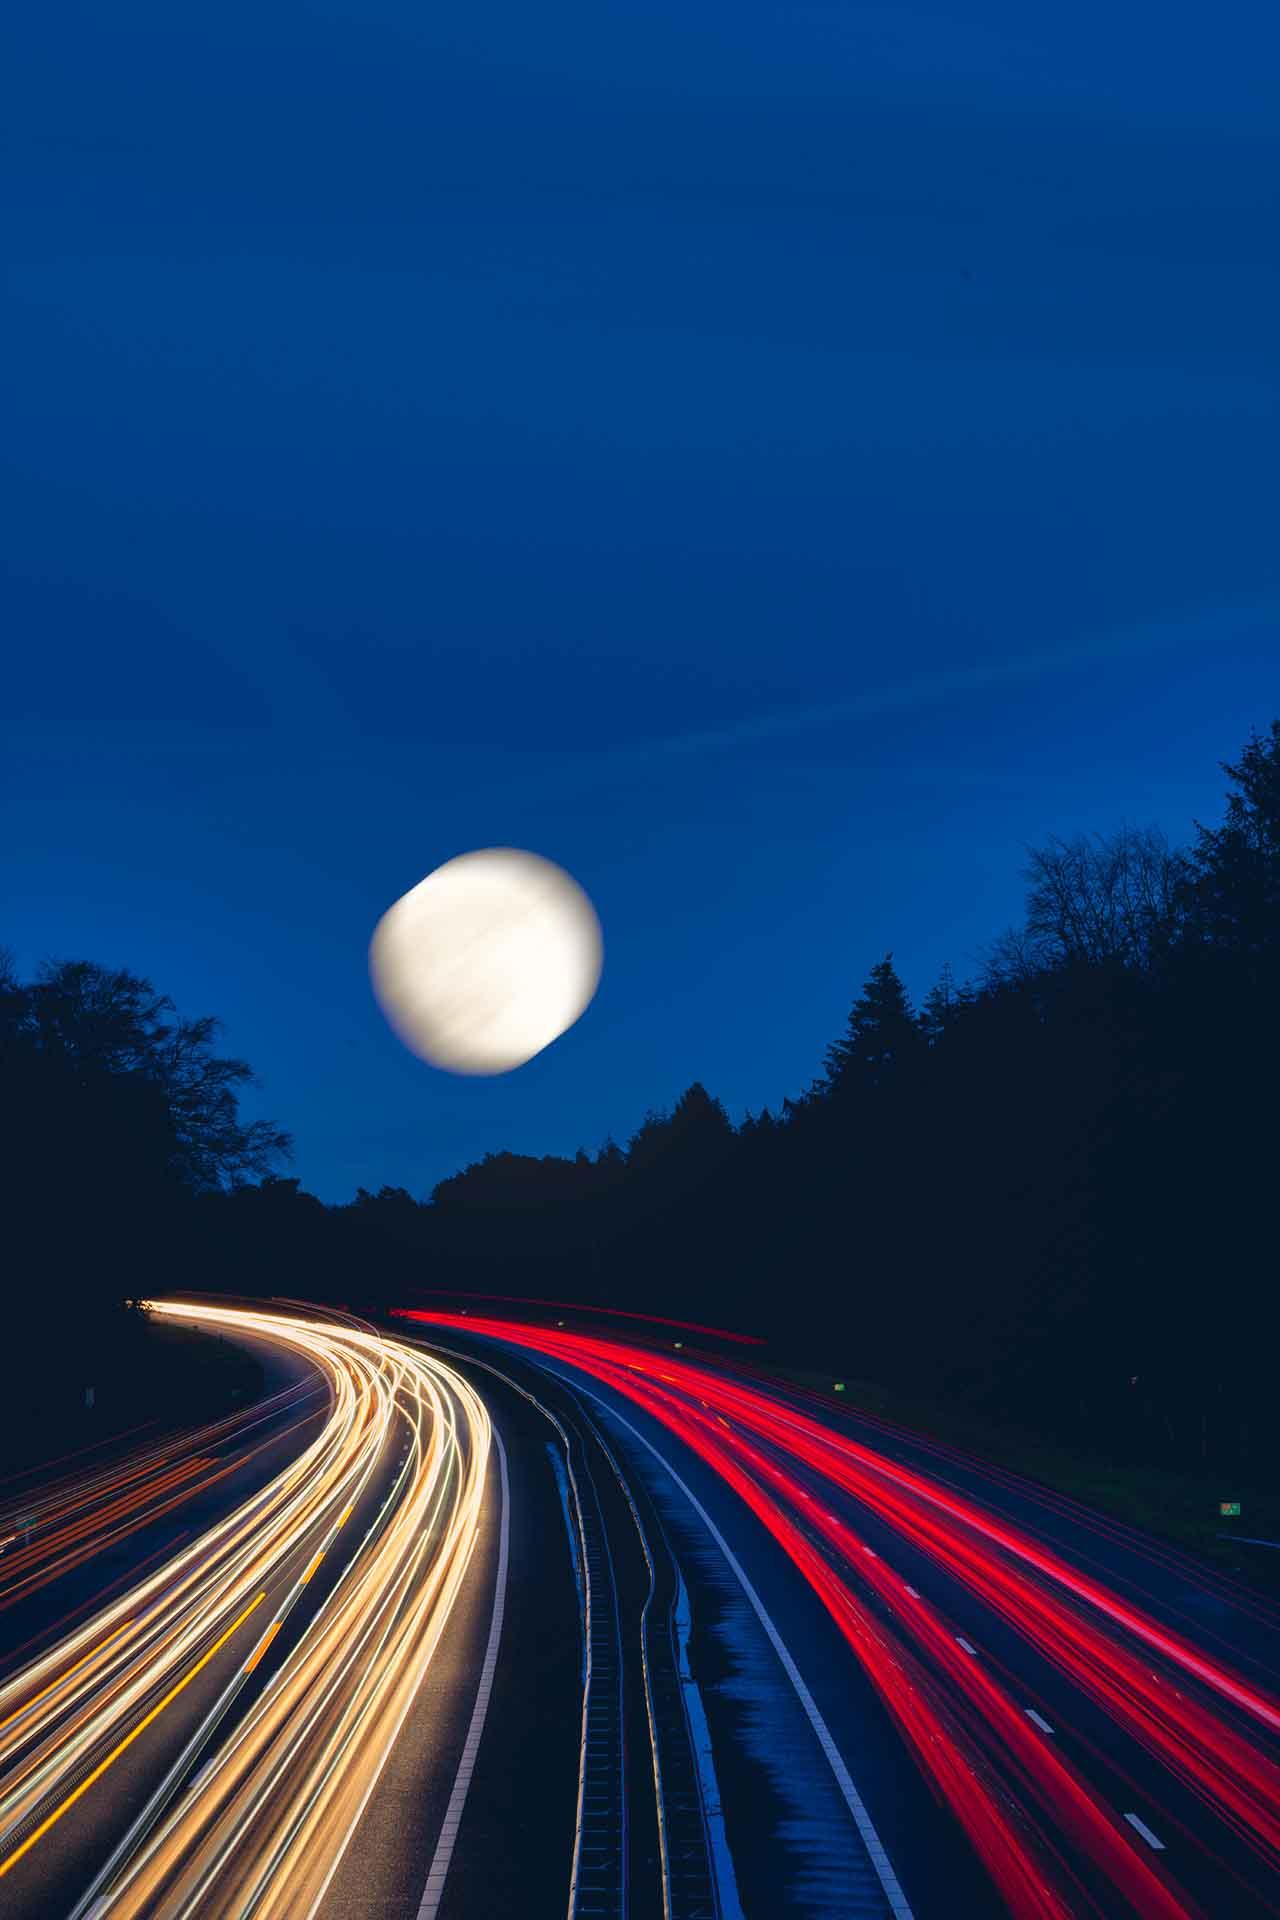 Volle maan fotograferen met een voorgrond